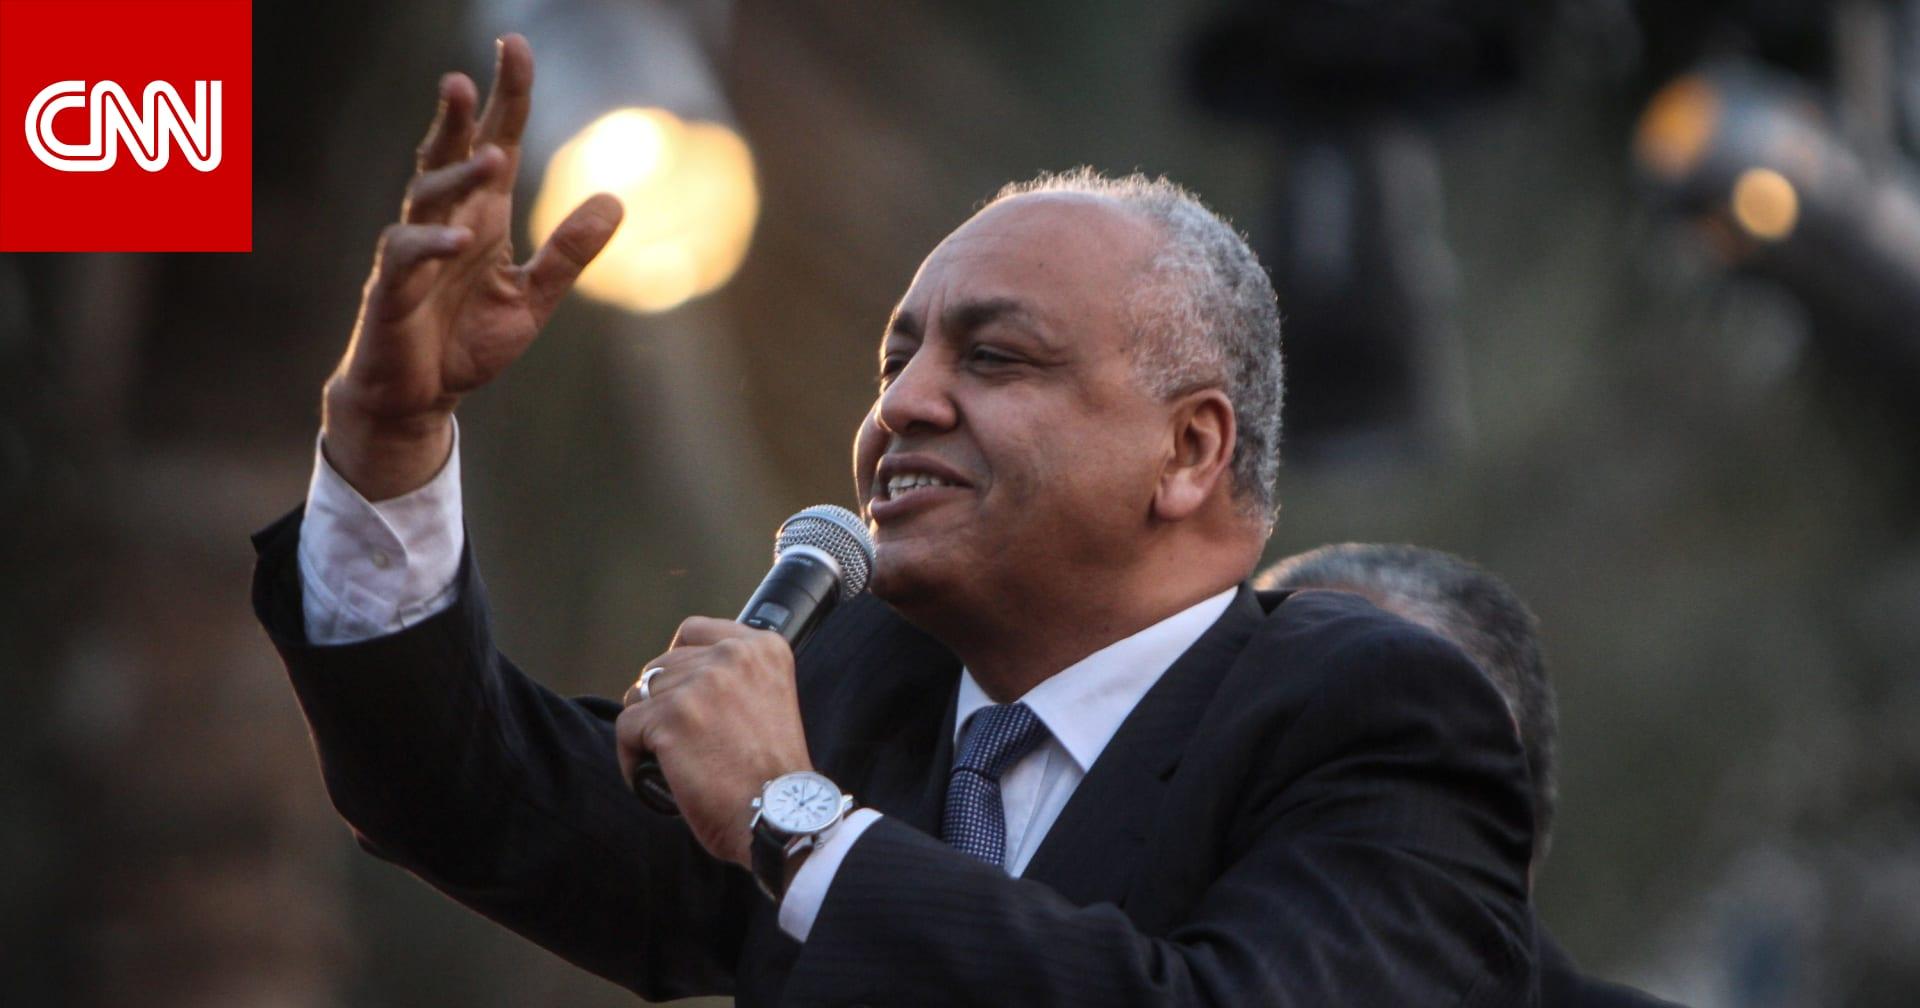 مصطفى بكري ينتقد تصريحات رئيس مجلس الأمن الدولي بشأن أزمة سد النهضة